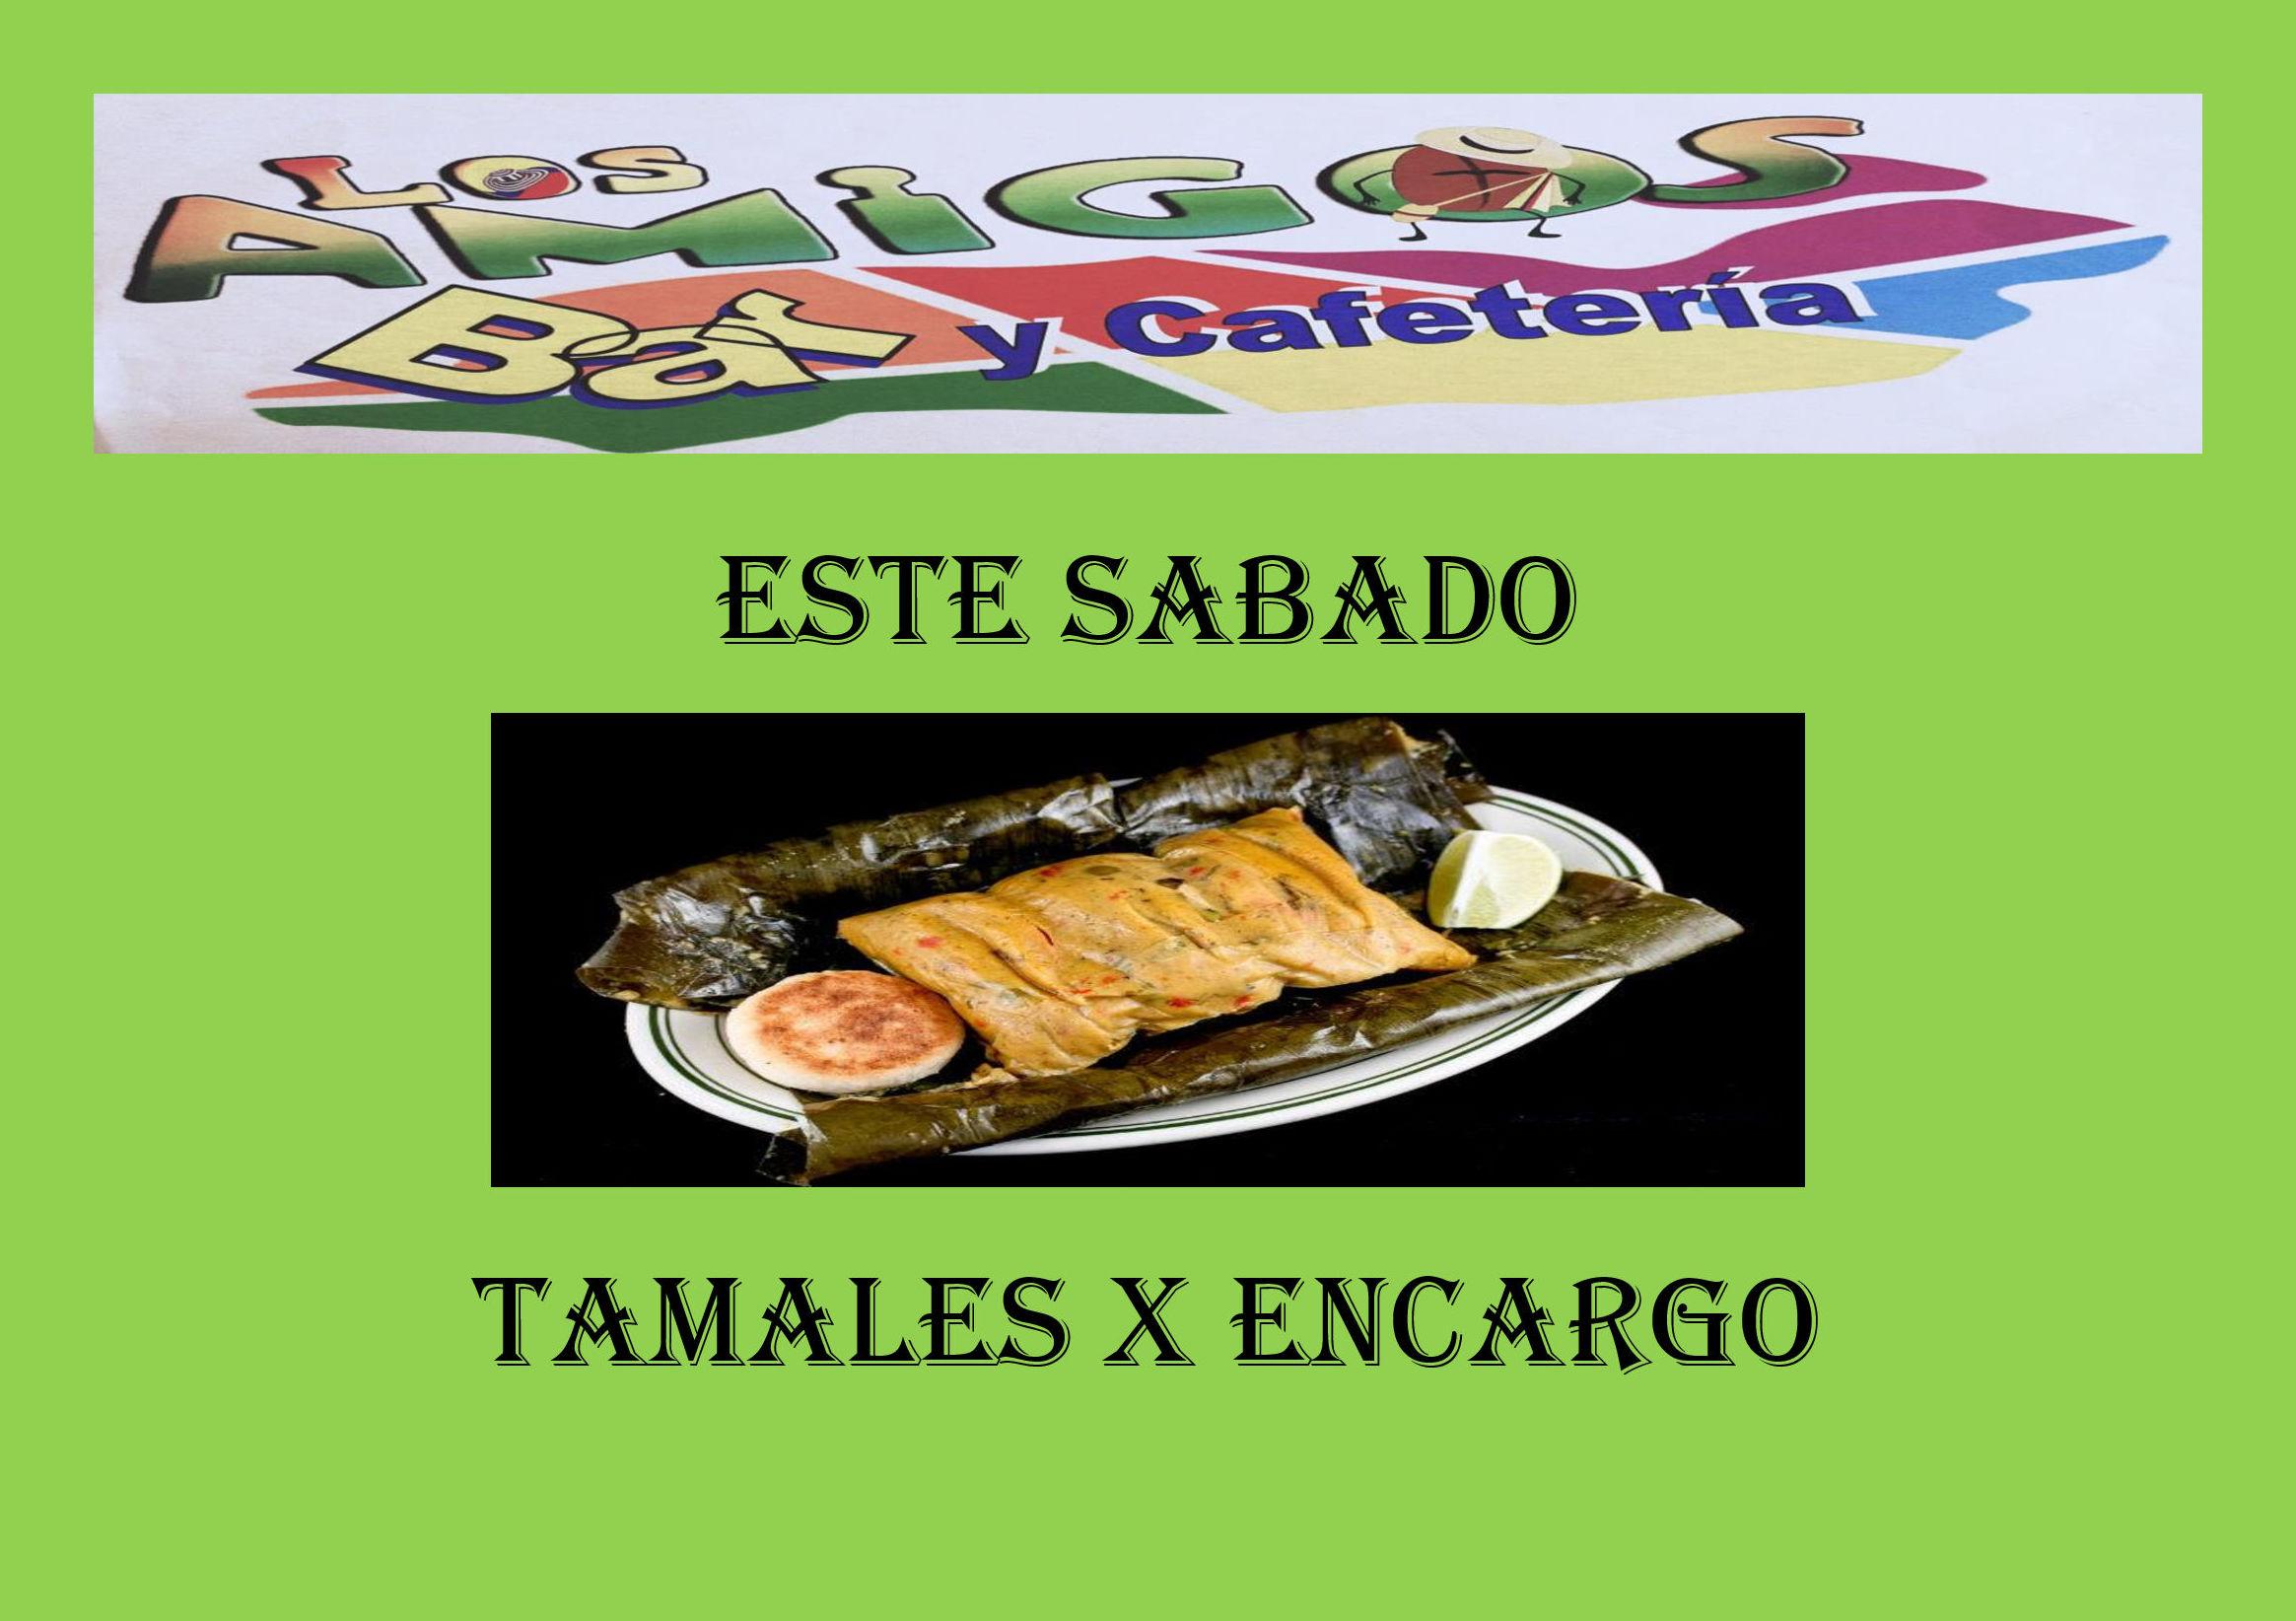 tamales proximo sabado 4 de mayo